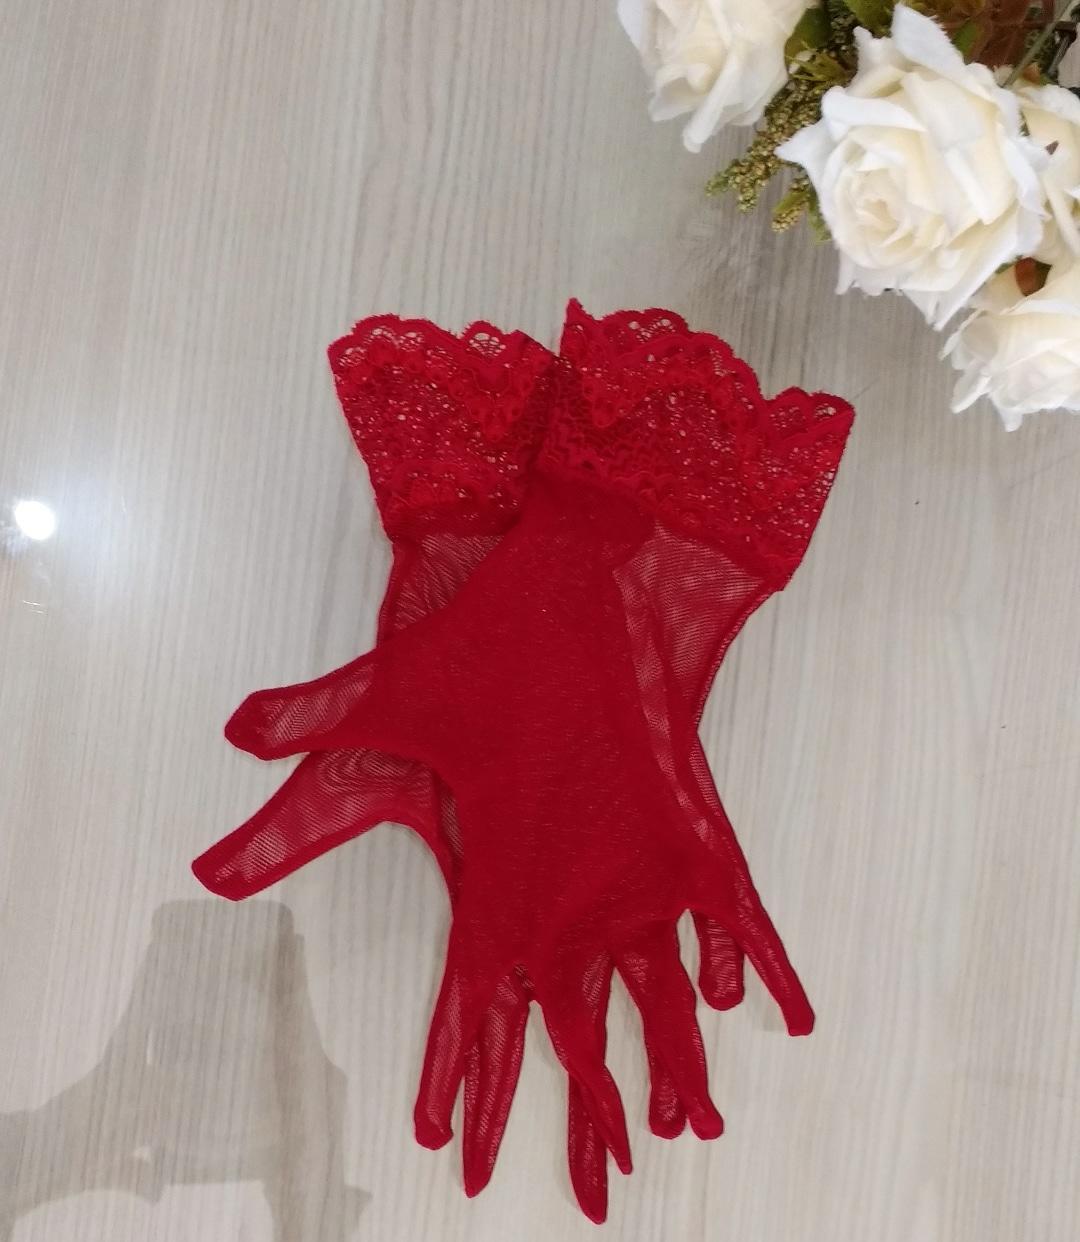 Kit - Corsele Coração Vermelho com acessórios